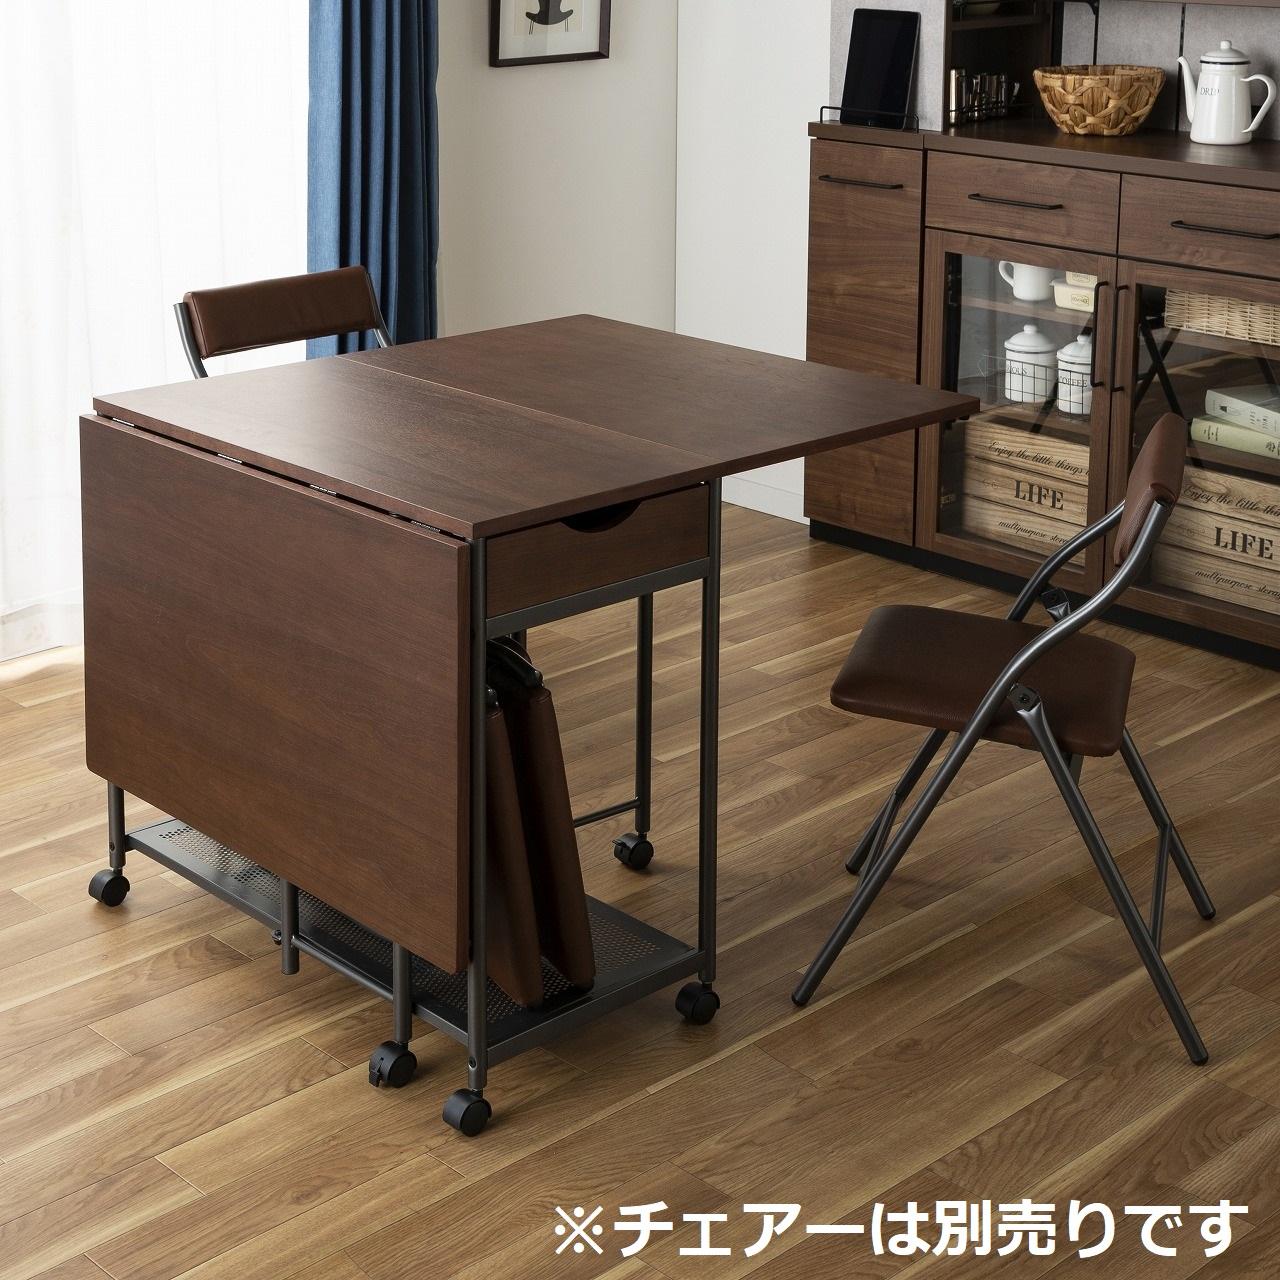 バタフライテーブル レイズ WN:天板は両端伸長式で小物が入れられる引出付き